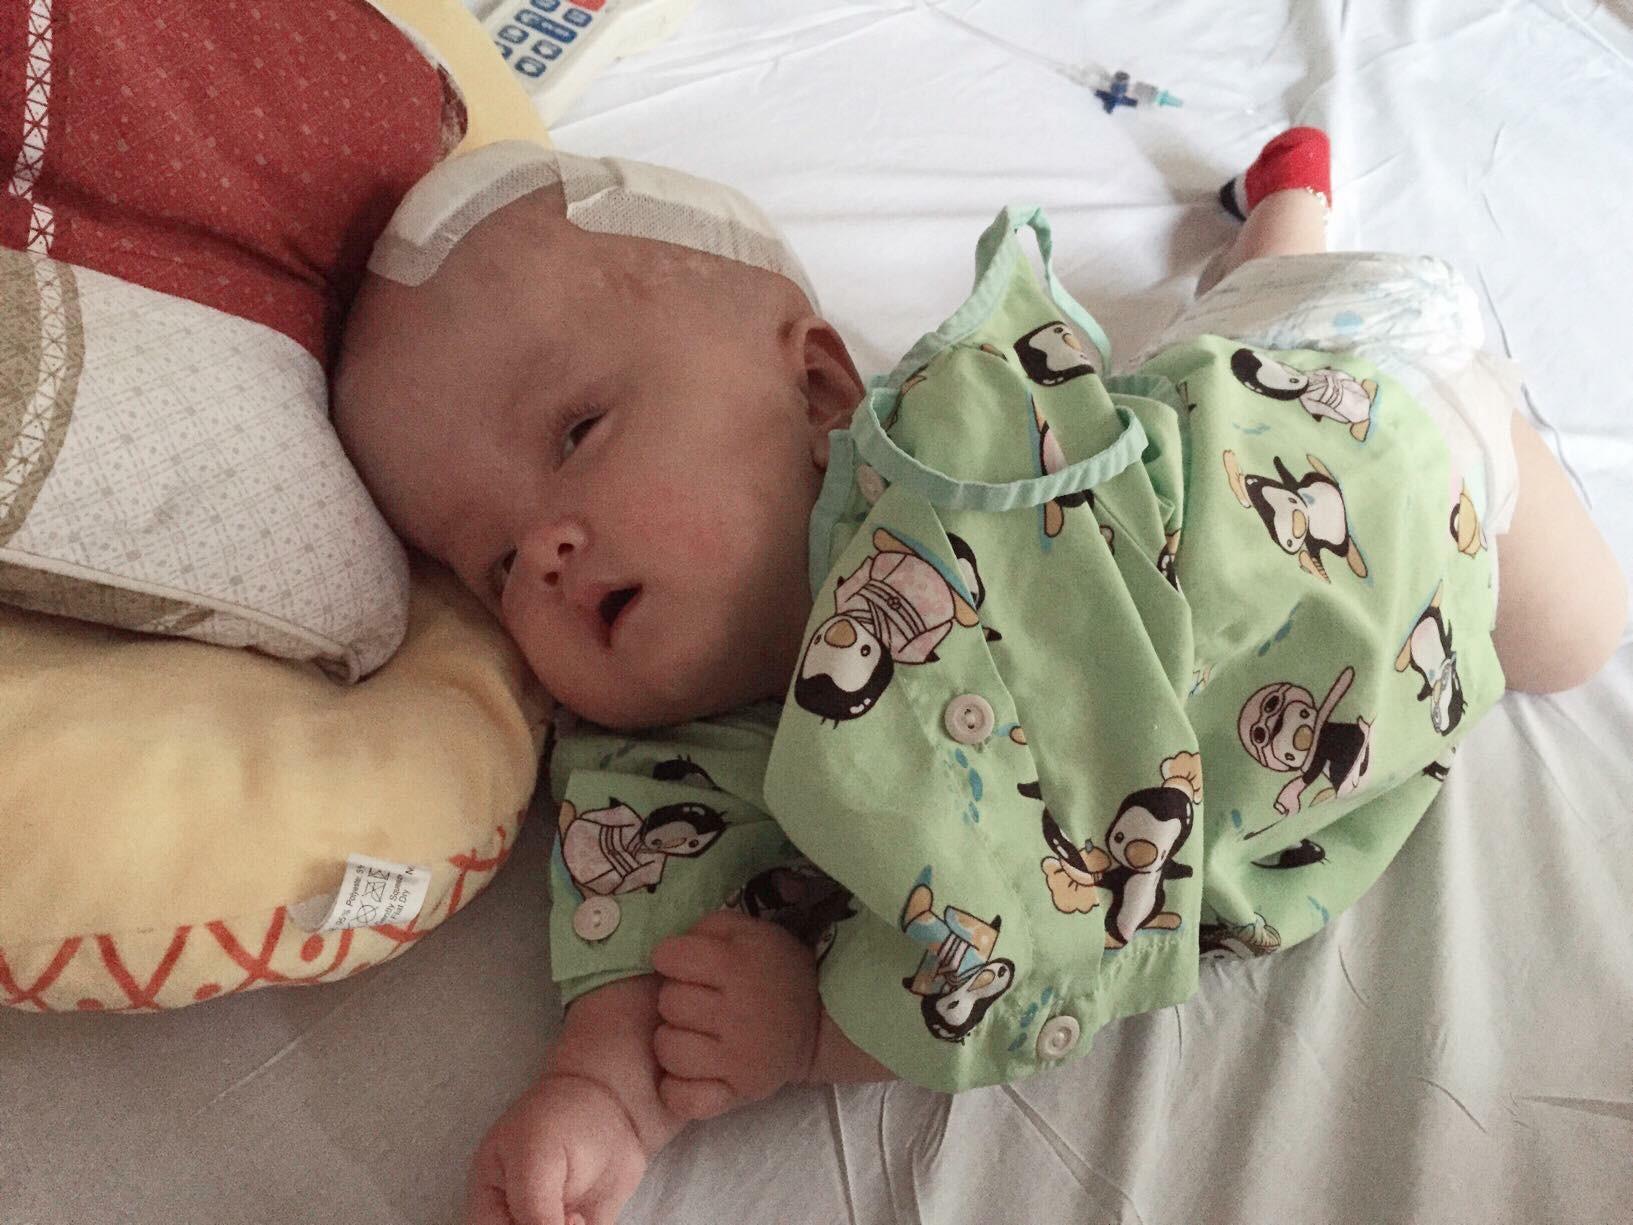 Thiếu kinh phí phẫu thuật cho con trai bị não úng thủy đang điều trị tại Singapore, người mẹ ôm con quỳ gối cầu cứu sự giúp đỡ - Ảnh 3.